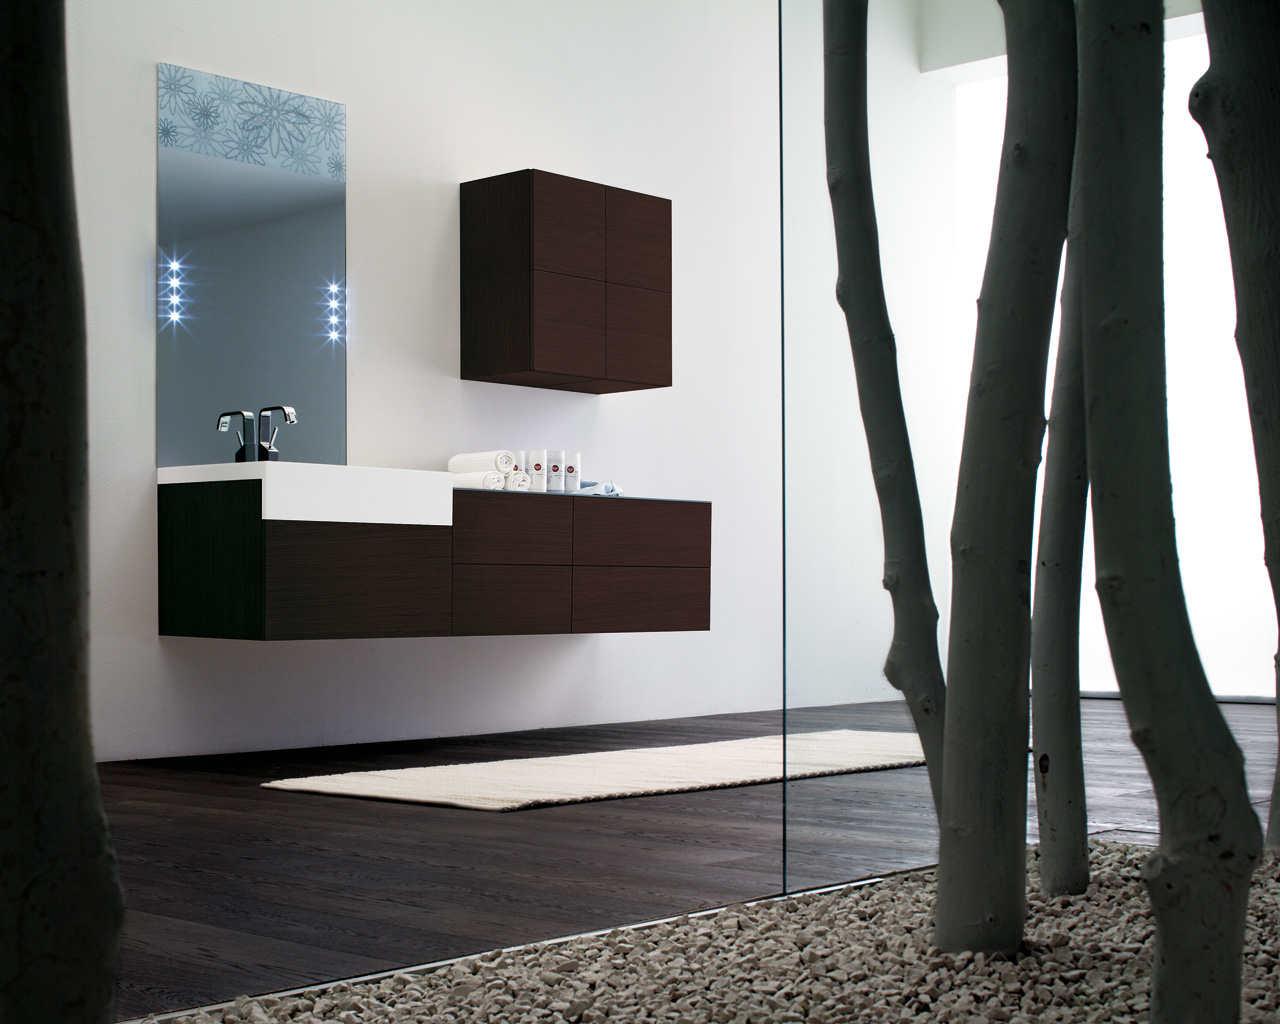 desain kamar mandi classic - Bagi-in.com